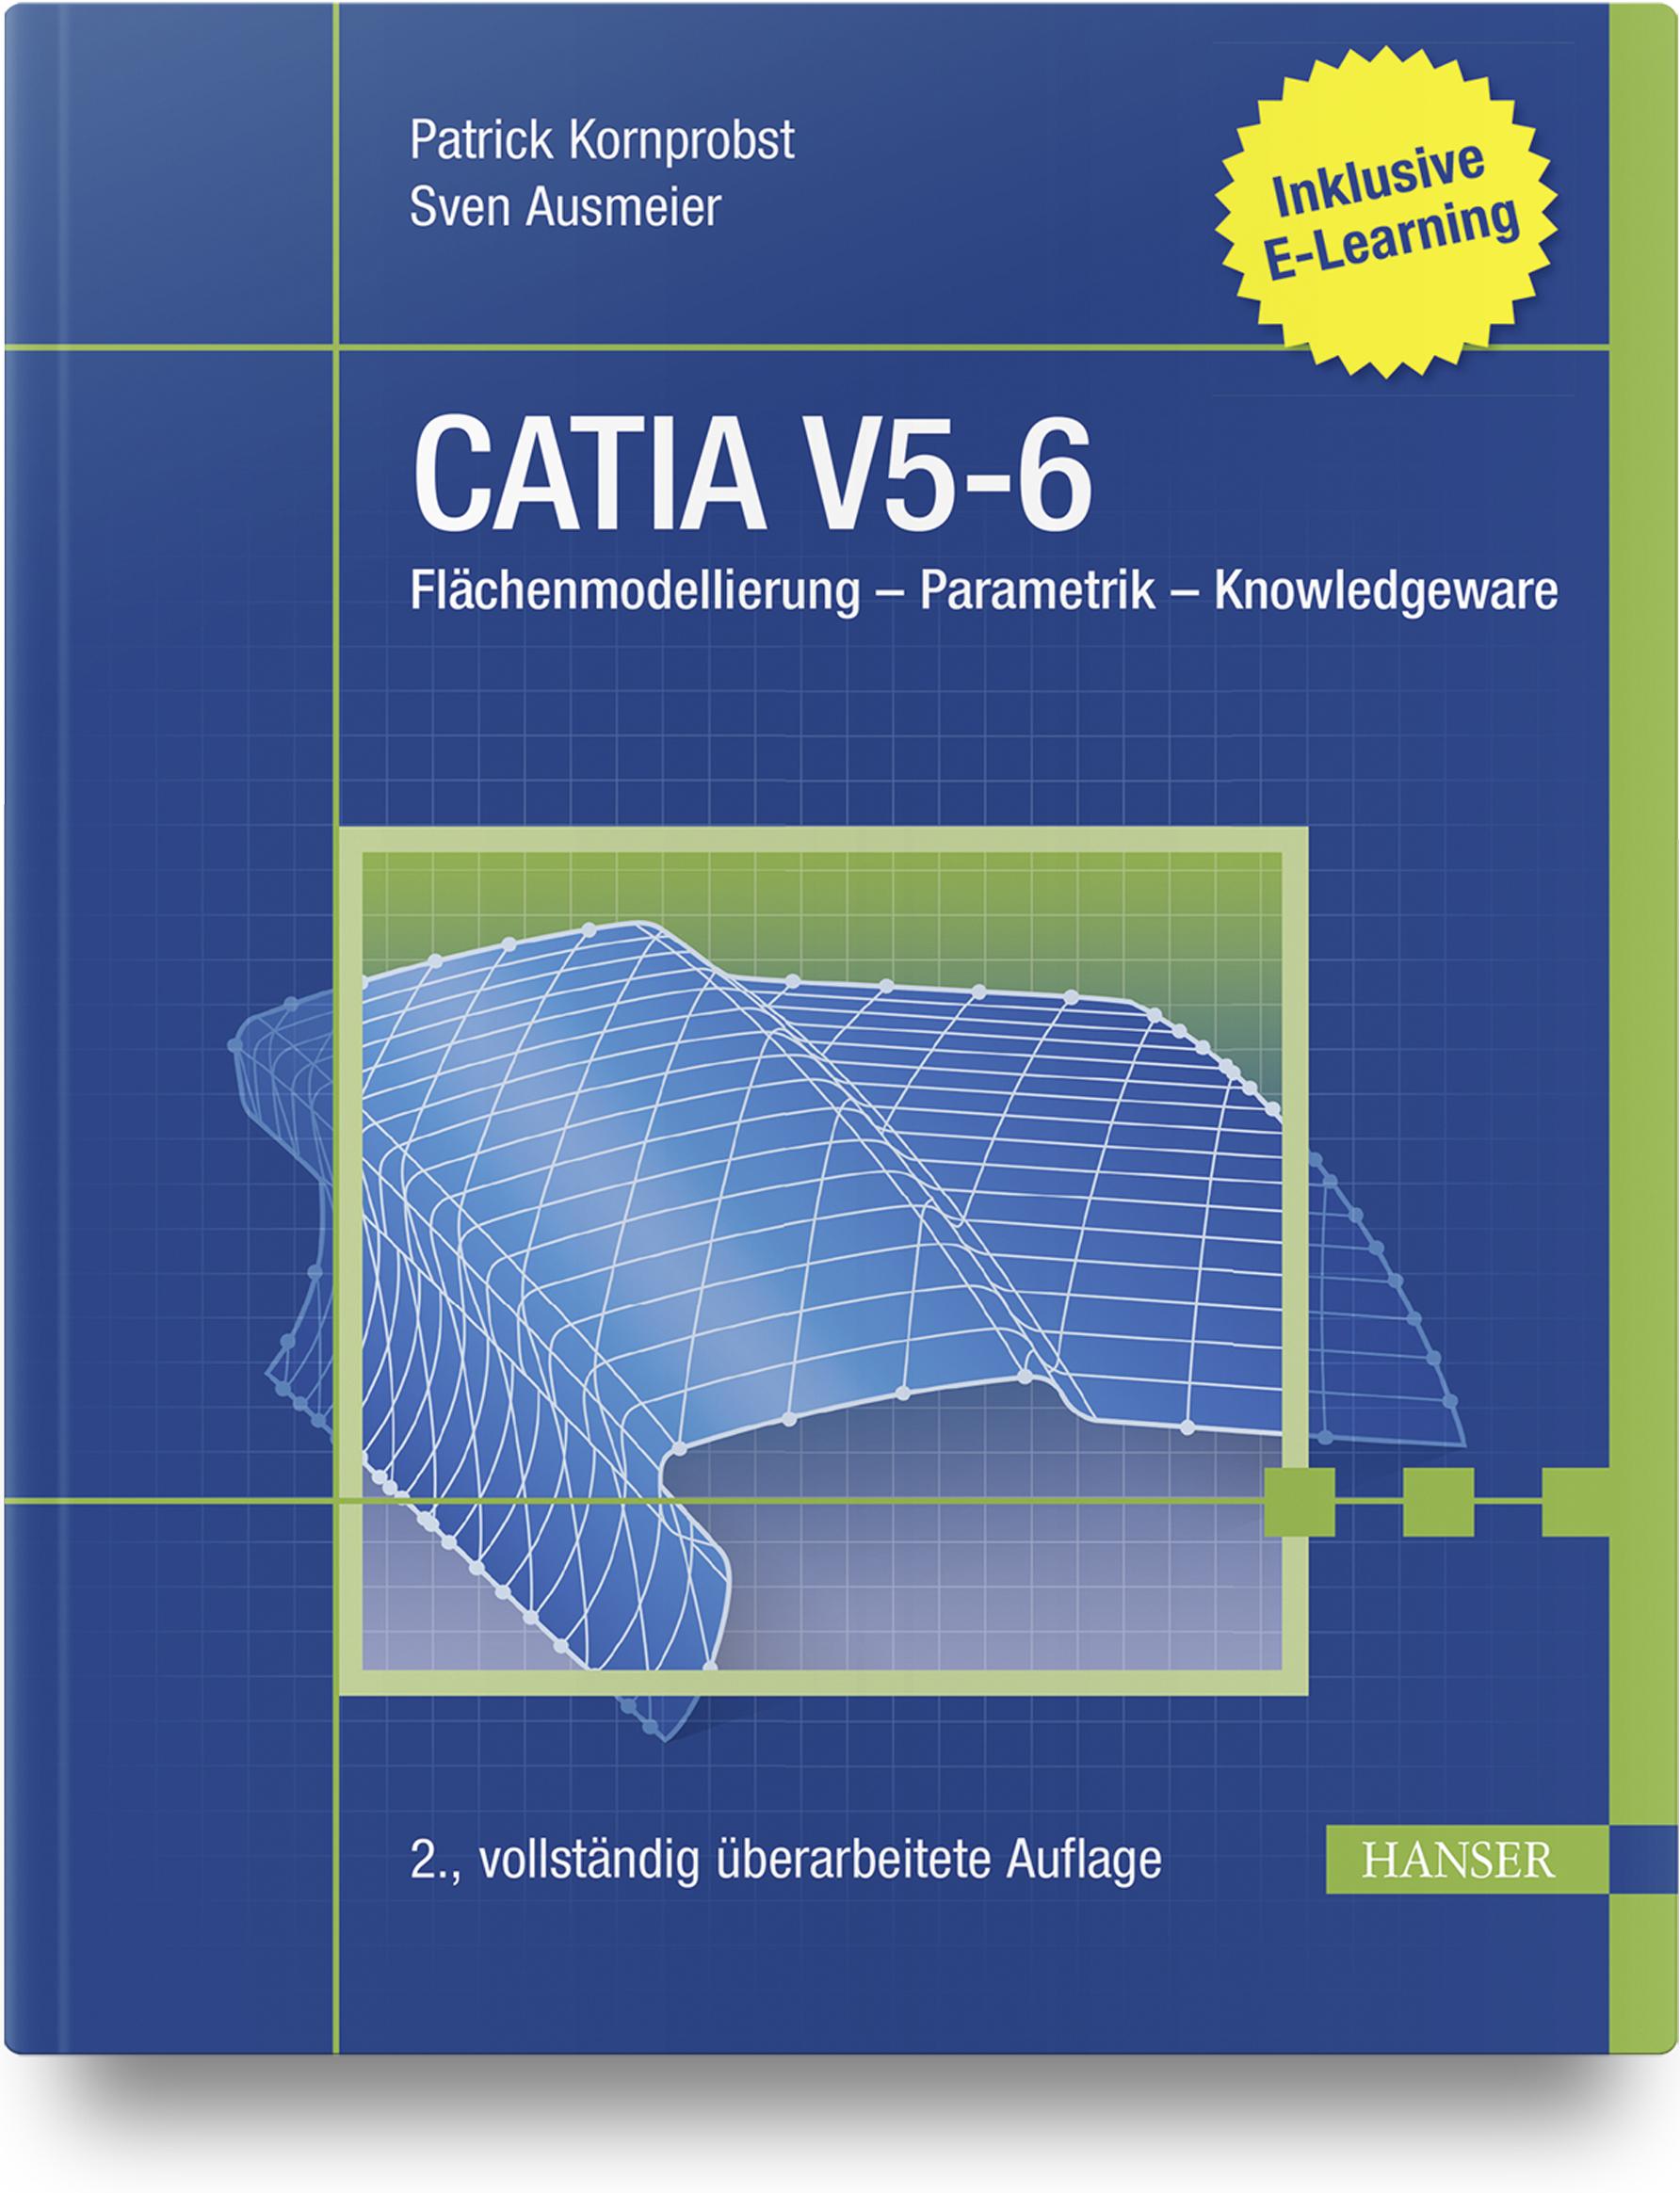 Kornprobst, Ausmeier, CATIA V5-6, 978-3-446-46231-1